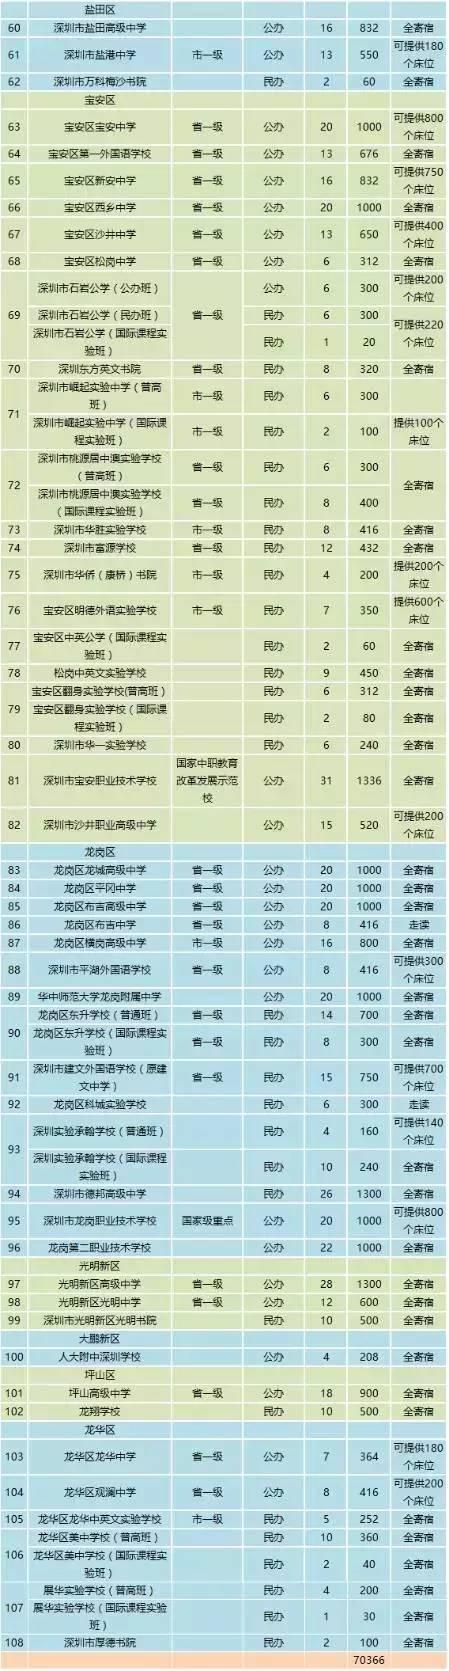 深圳普通高中今年招收38800人 约占应届毕业生46.5%